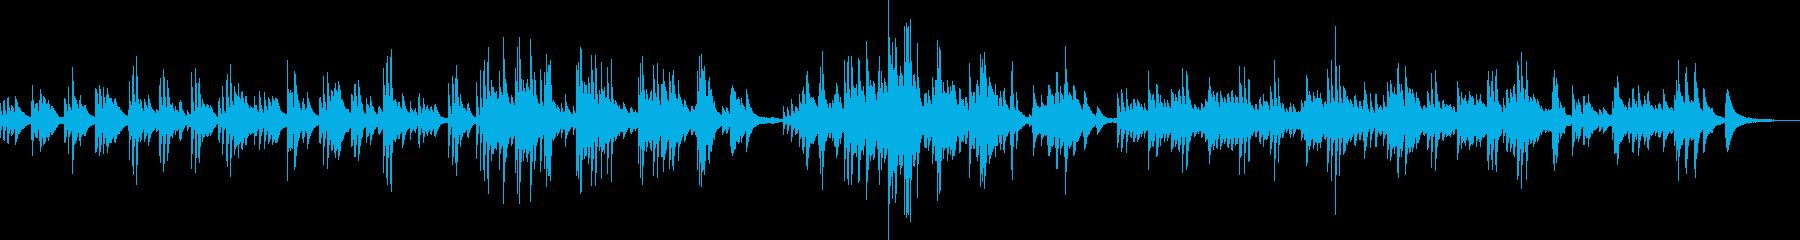 寄り添うような感動のピアノバラードの再生済みの波形